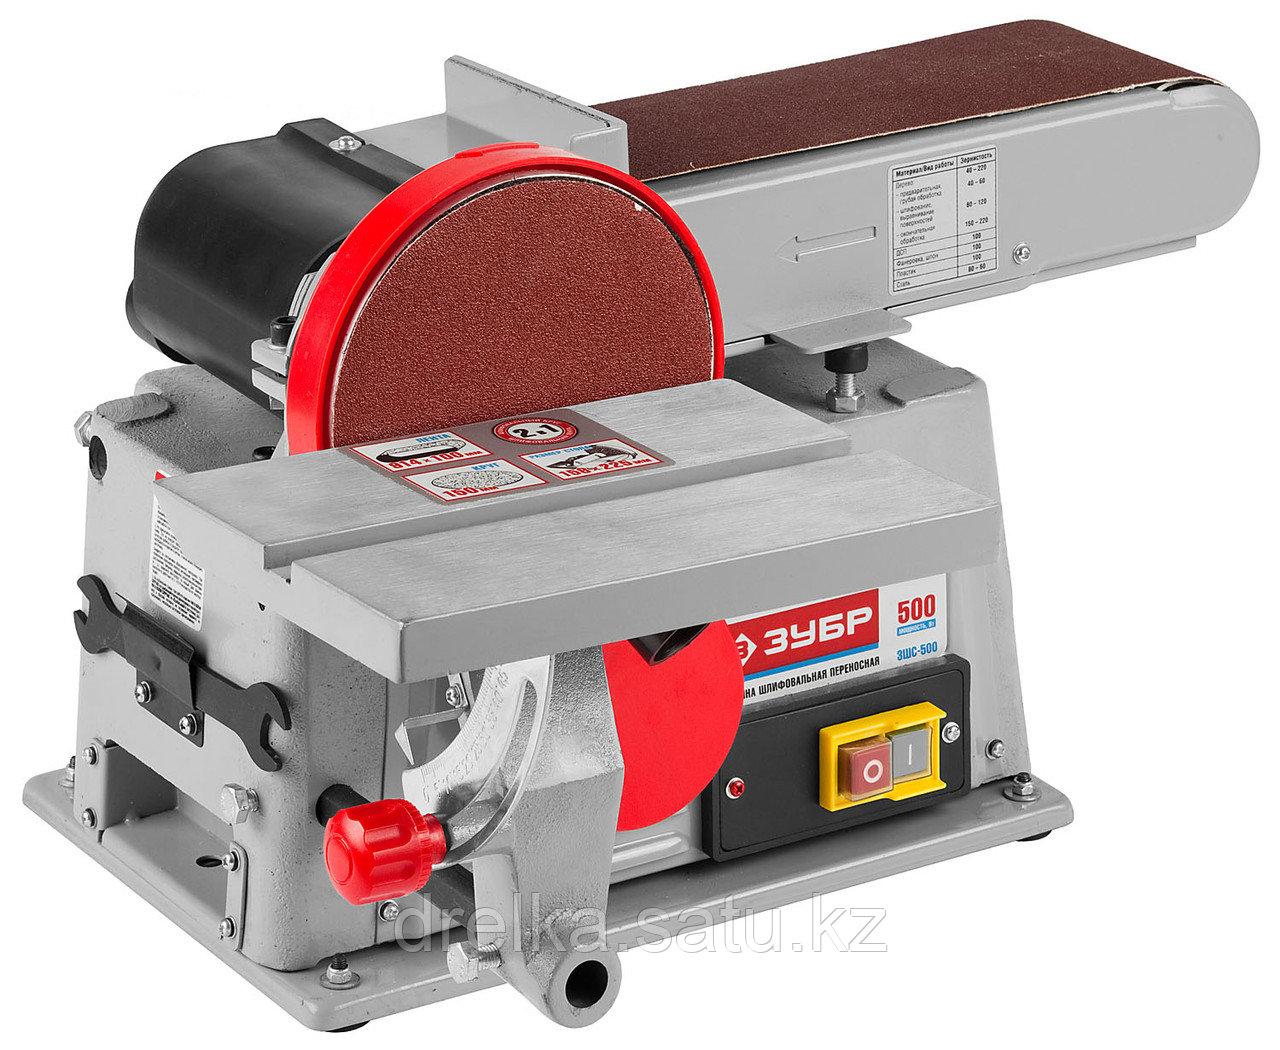 Станок шлифовальный тарельчато-ленточный ЗУБР ЗШС-500, 100 x 914 мм, диск 150 мм, 2950 об/мин, 500 Вт.